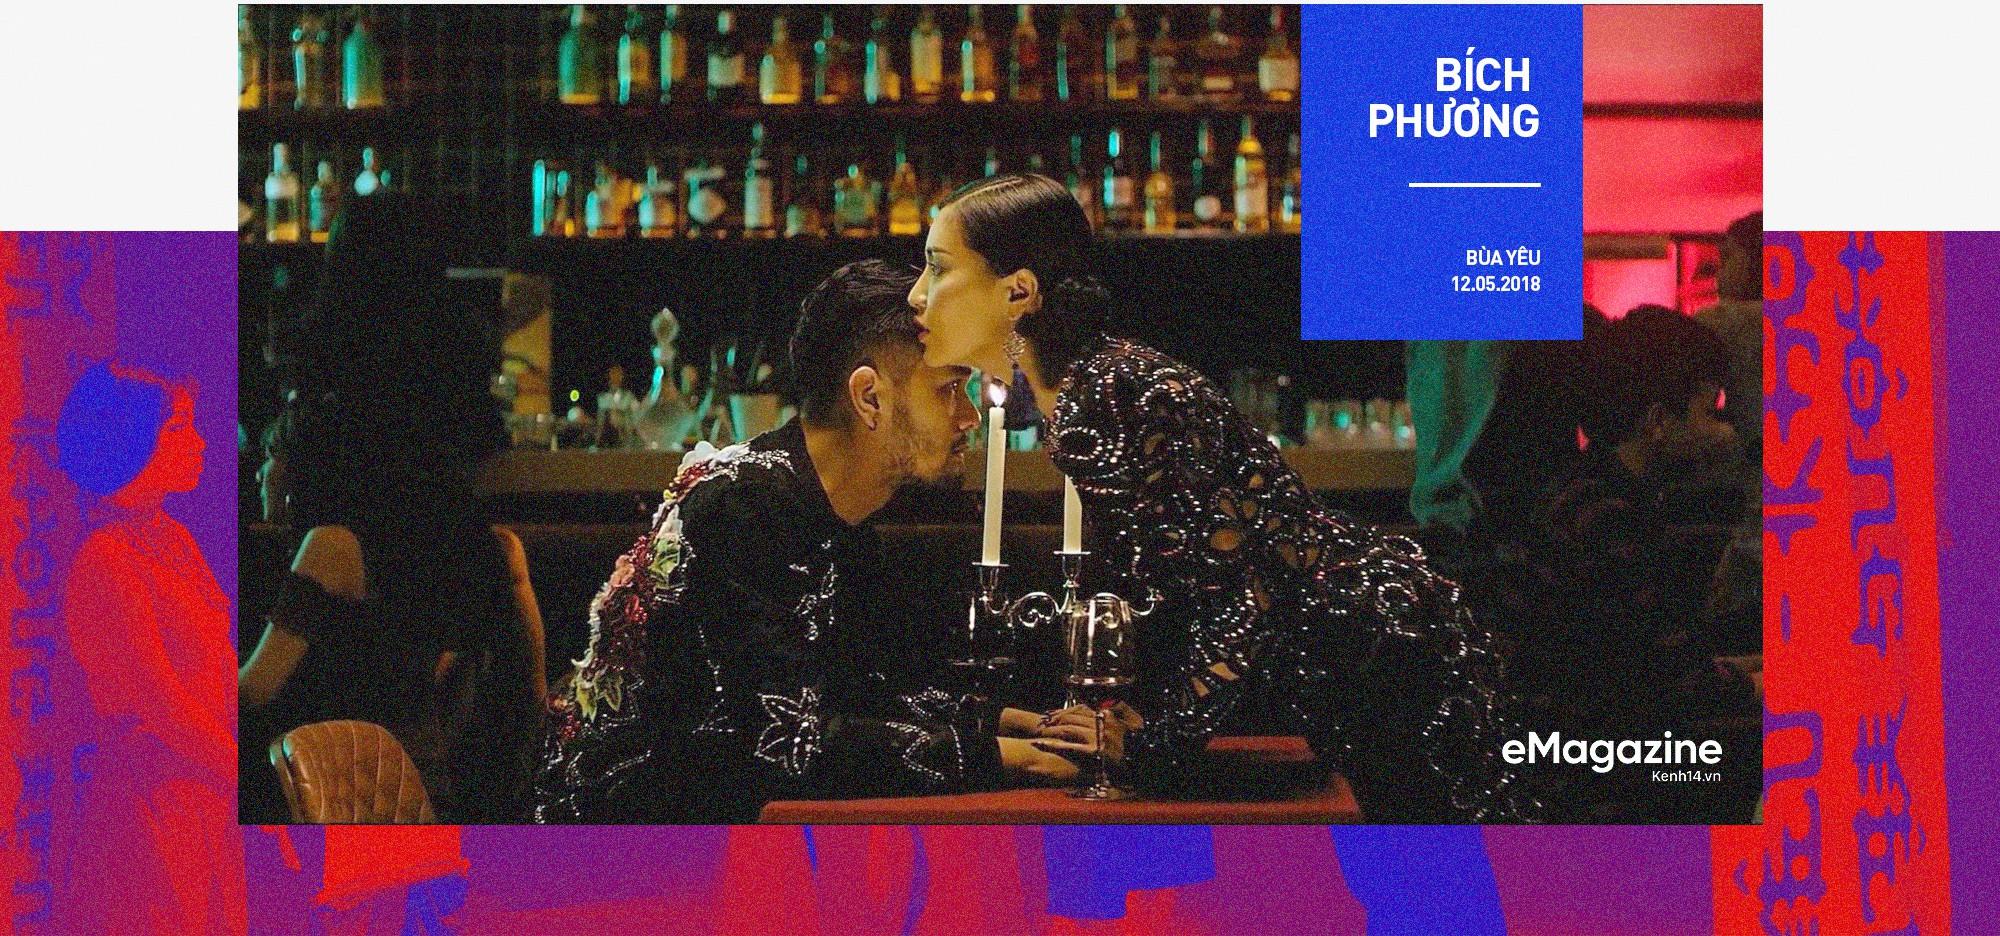 Đại chiến nhạc Việt hay Tháng 5 rực rỡ của V-Pop: Chưa bao giờ, khán giả được chiều chuộng với nhiều sản phẩm văn minh và chất lượng đến vậy! - Ảnh 5.